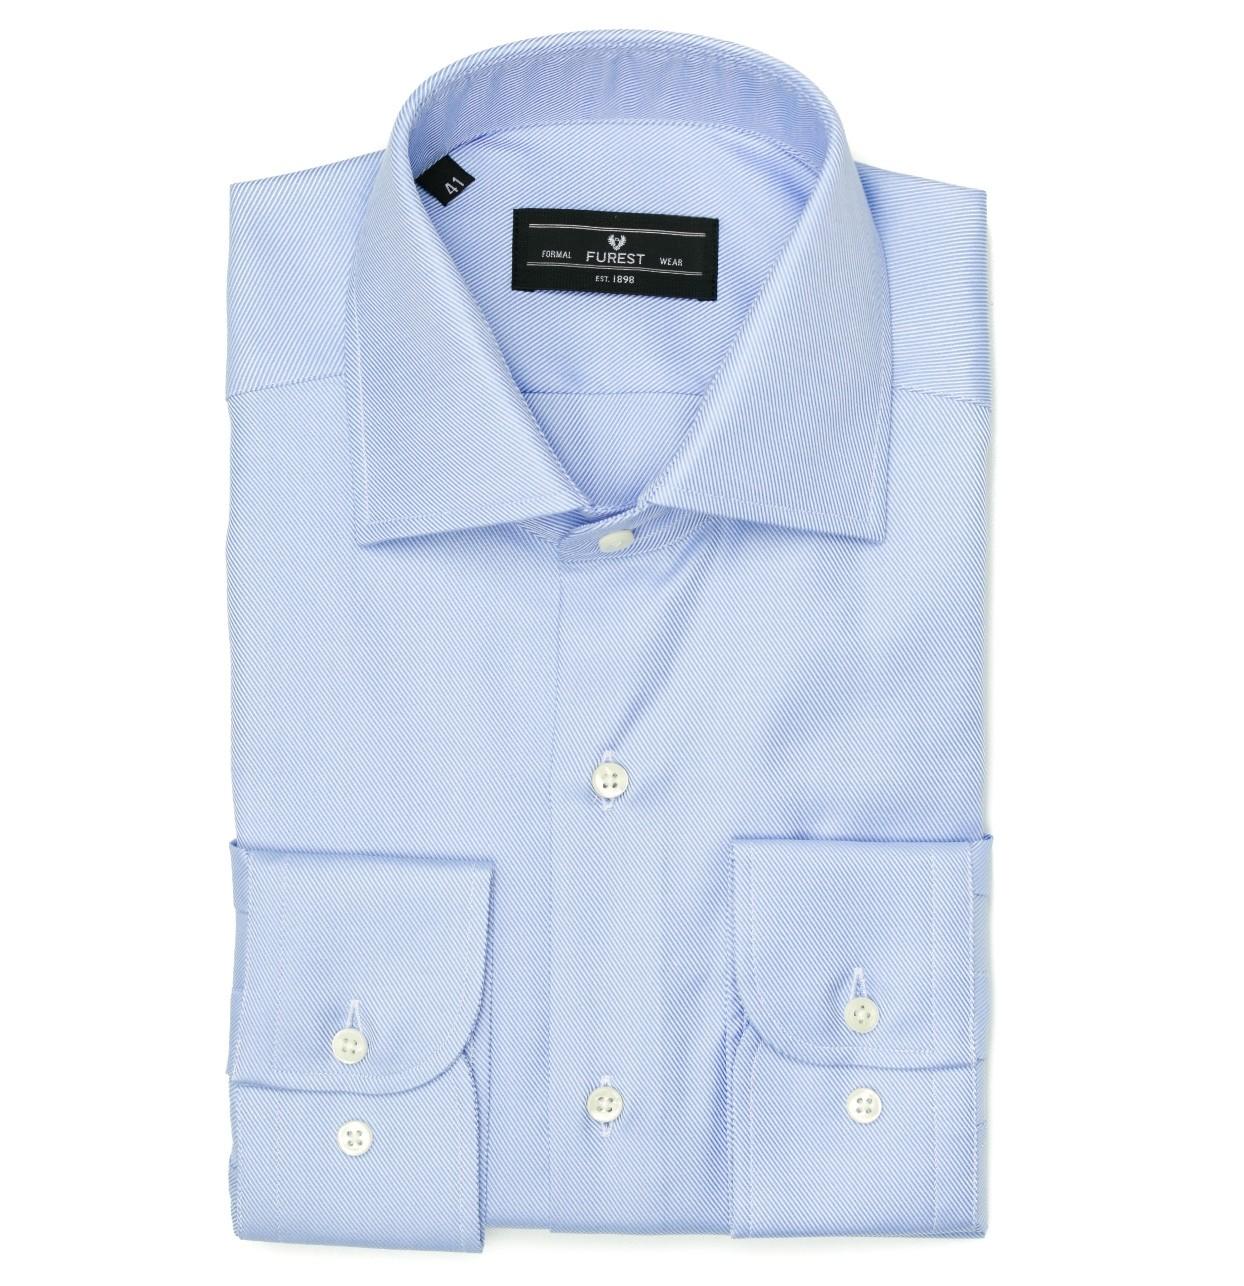 Camisa Formal Wear REGULAR FIT cuello Italiano, modelo NAPOLI tejido twill color azul, 100% Algodón.